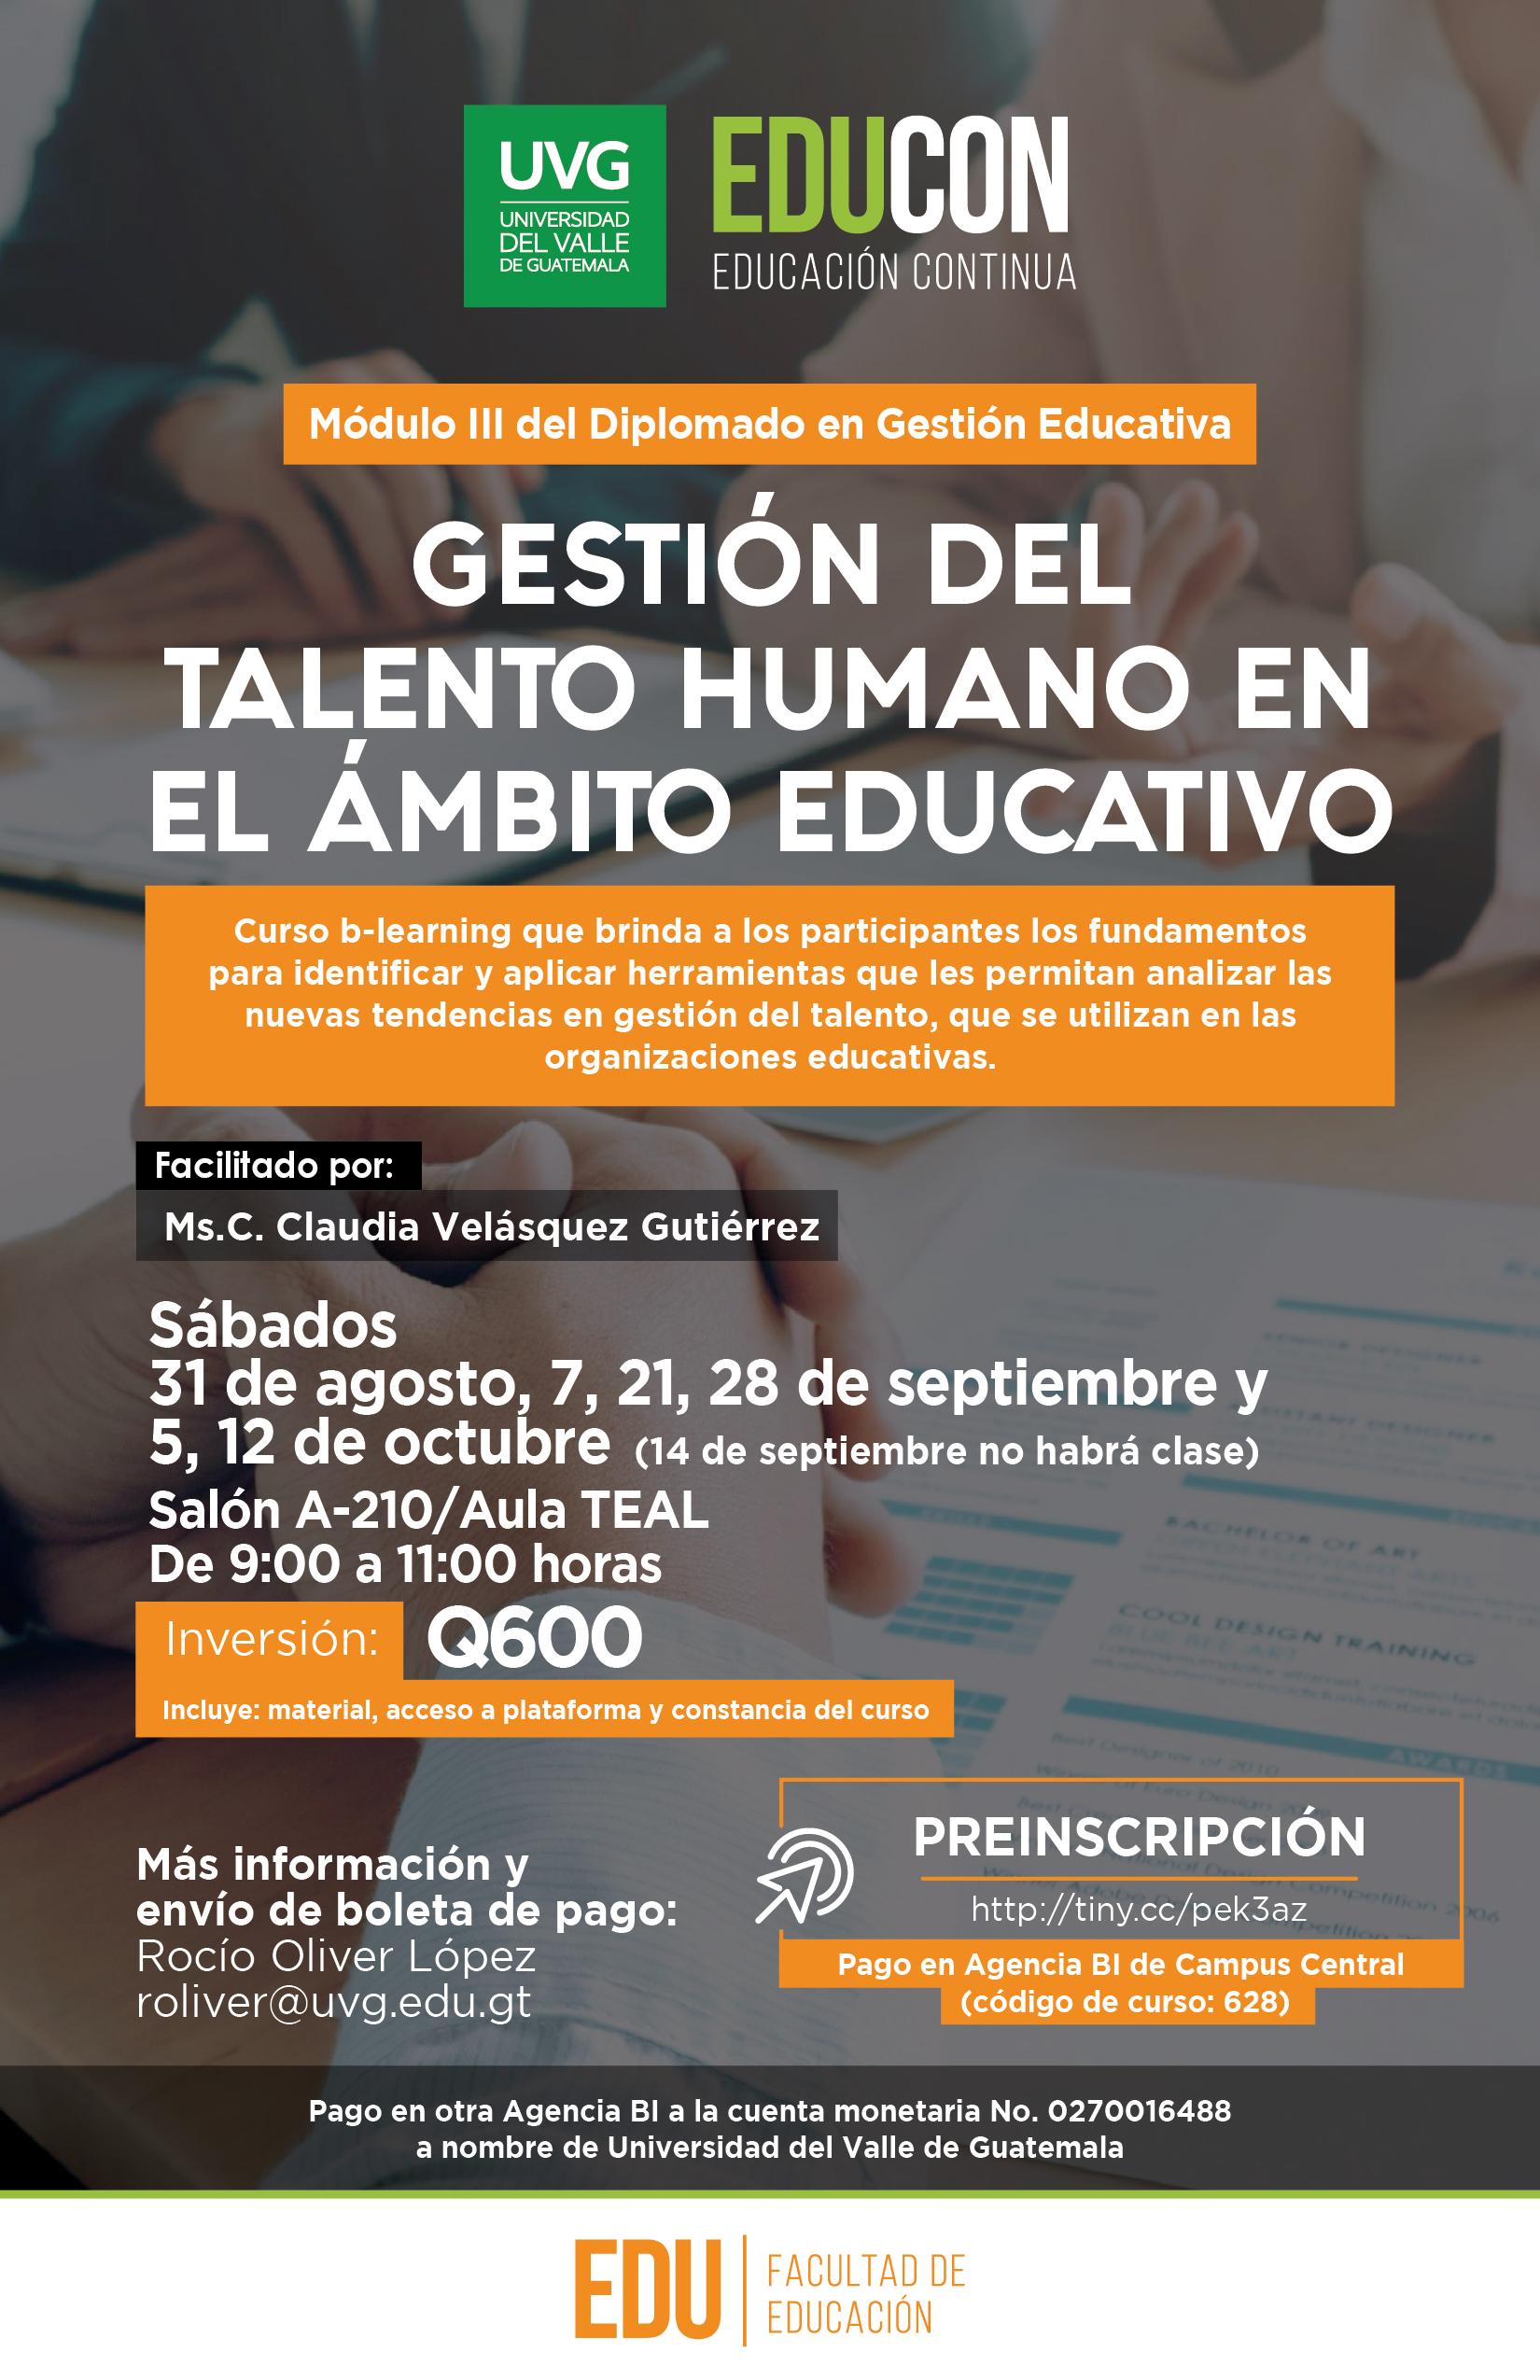 GESTIÓN DEL TALENTO HUMANO EN EL ÁMBITO EDUCATIVO